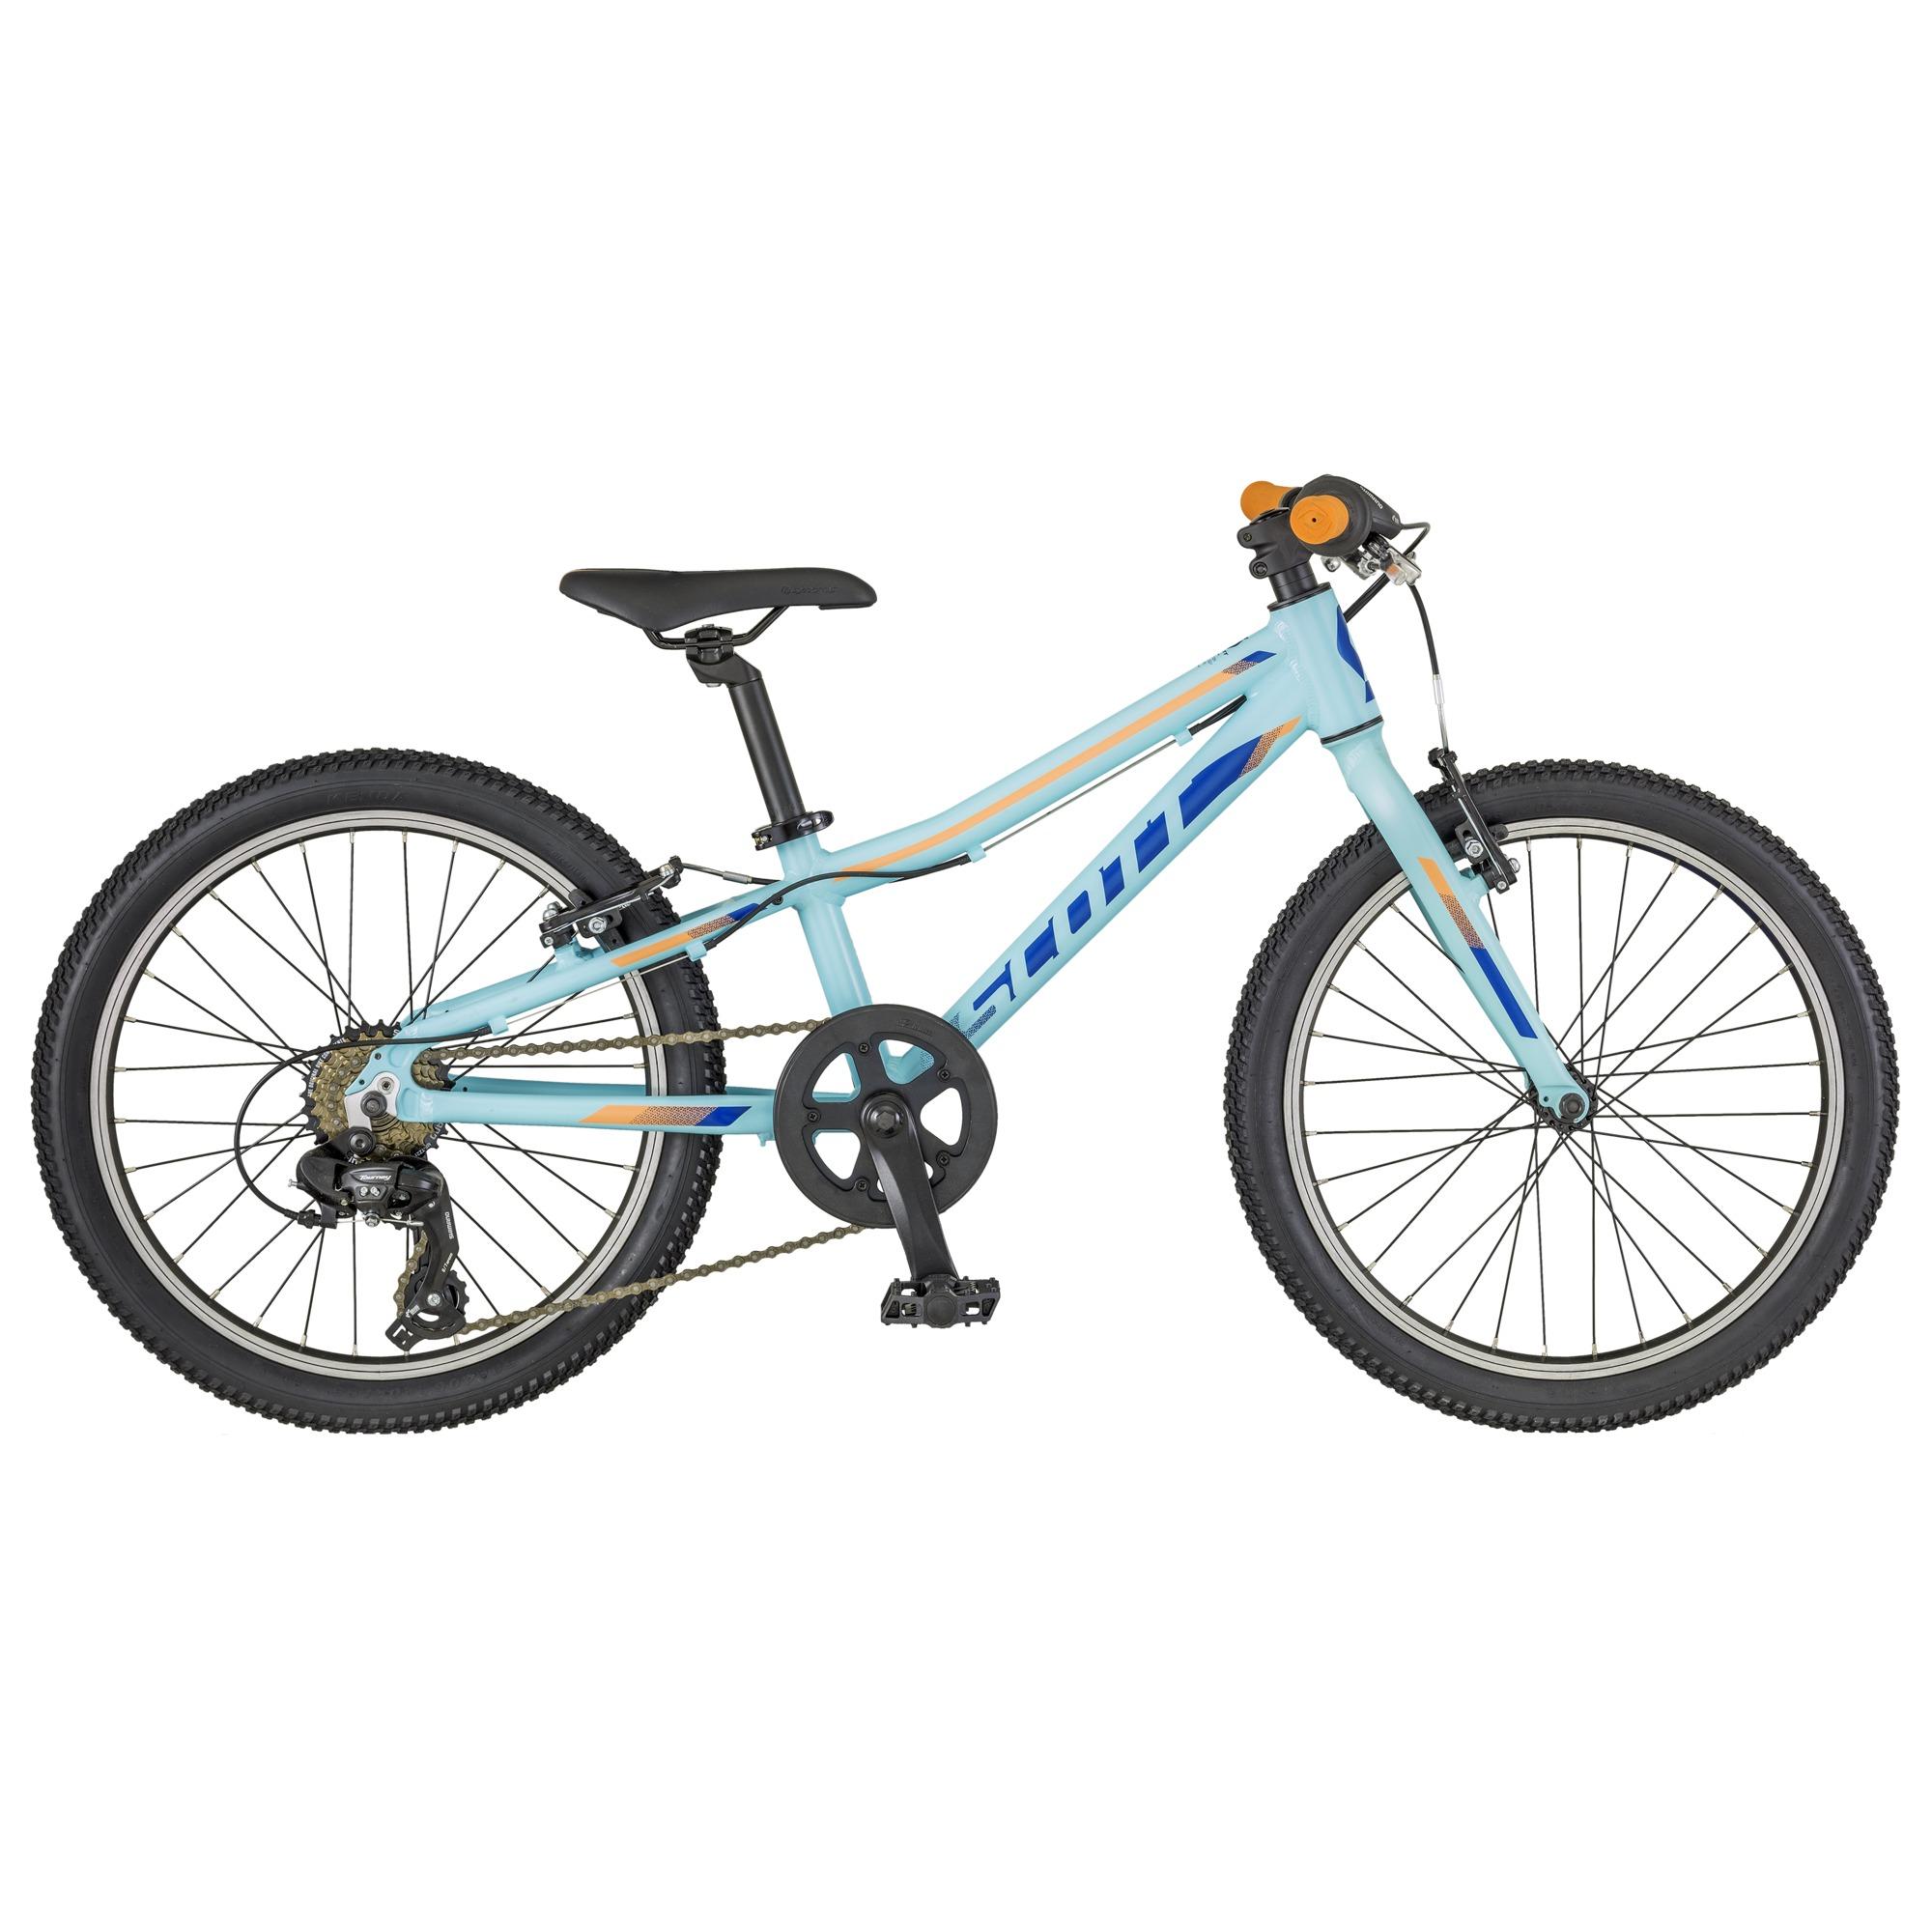 SCOTT Contessa JR 20 Bike mit Starrgabel 20